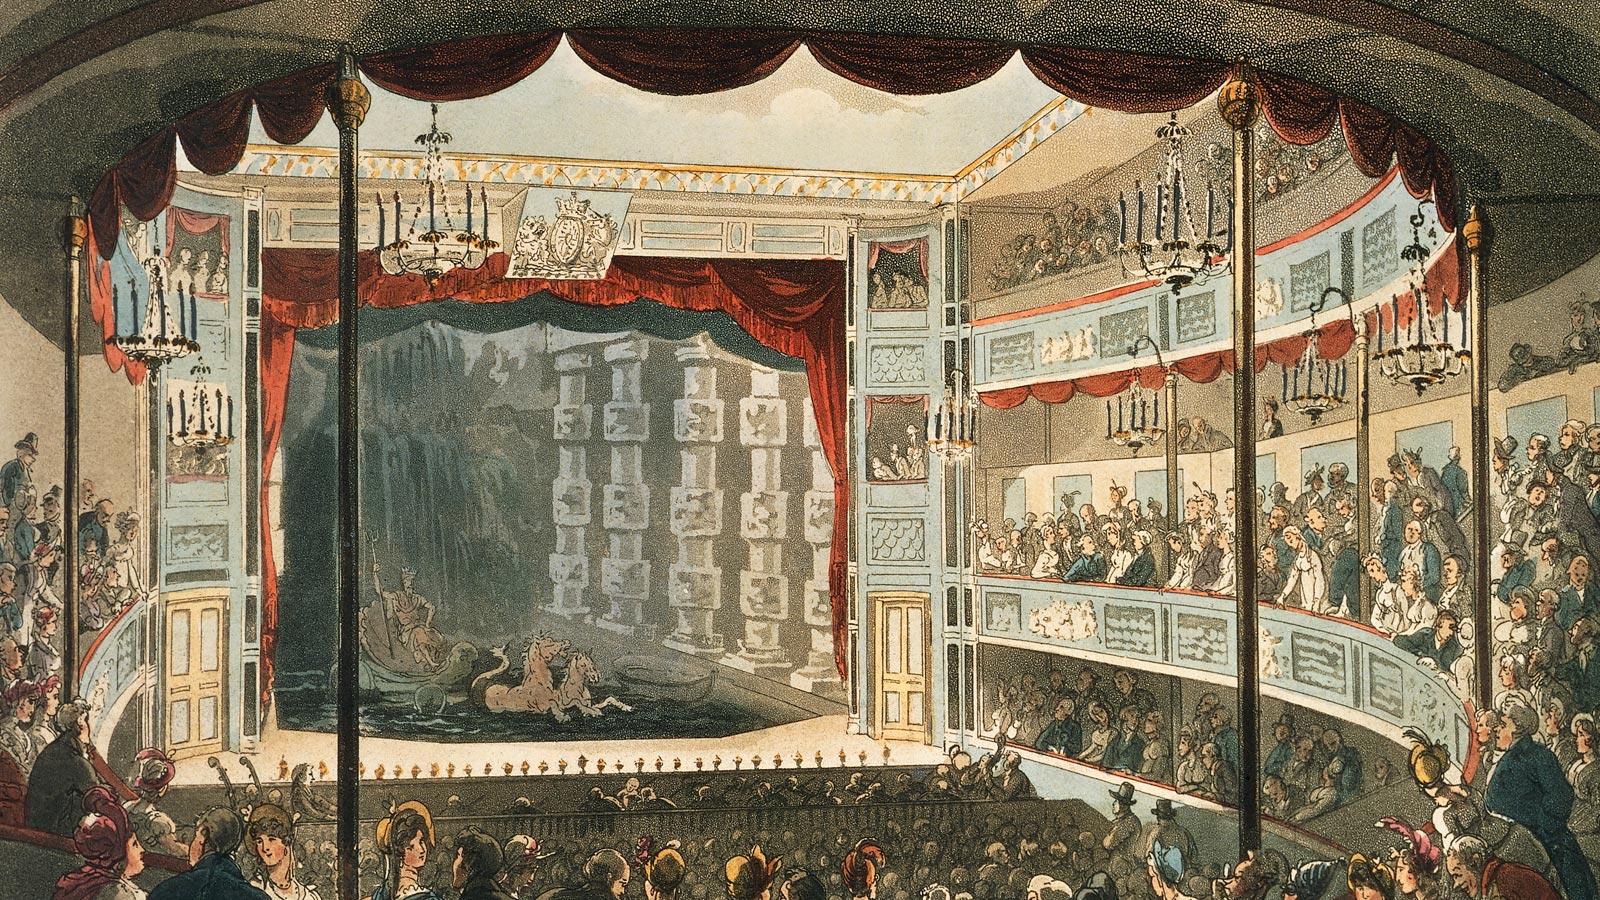 27 марта празднуем Всемирный день театра. Послание Хелен Миррен к мировой общественности — фото 3